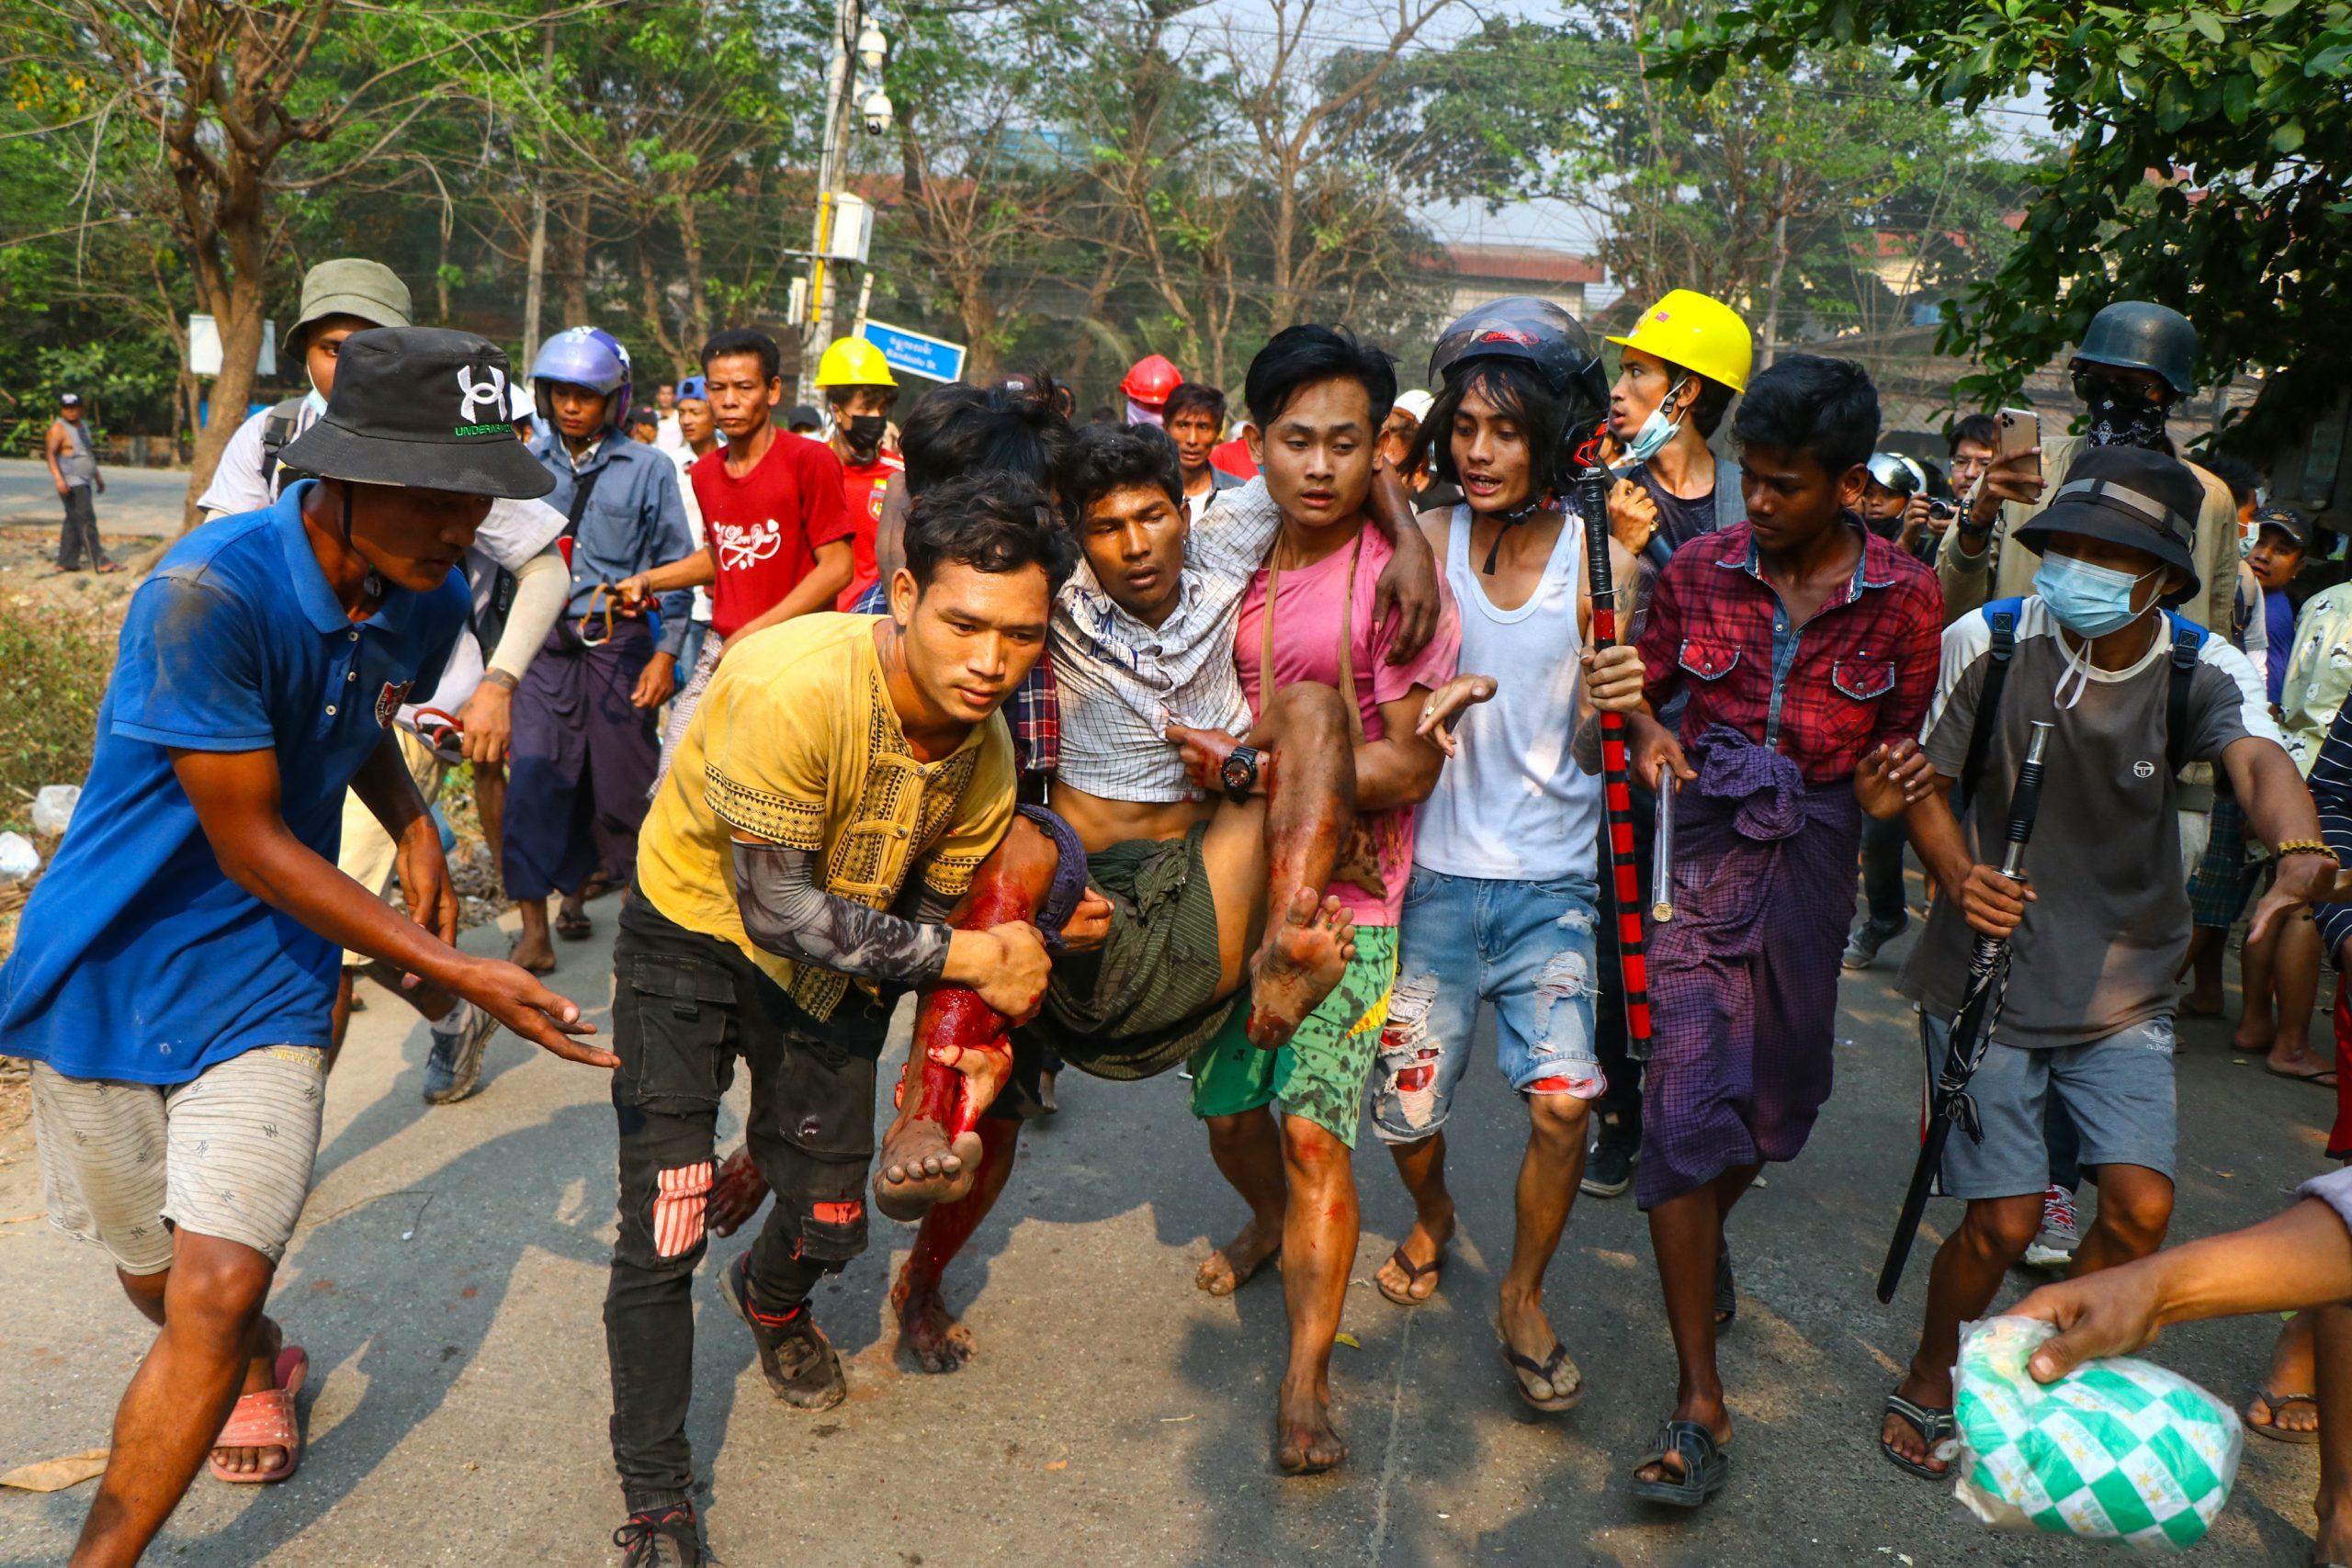 လုံခြုံရေးတပ်ဖွဲ့ဝင်များ၏ ပစ်ခတ်ဖြိုခွင်းမှုကြောင့် ဒဏ်ရာရရှိသွားသူ တစ်ဦးကို ဘေးကင်းရာသို့ ဆန္ဒပြသူများက ခေါ်ဆောင်သွားကြစဉ်။ ယင်းဓာတ်ပုံကို ရန်ကုန်မြို့က ဆန္ဒပြပွဲတစ်ခုတွင် ရိုက်ကူးထားခြင်း ဖြစ်သည်။ (ဓာတ်ပုံ | အေအက်ဖ်ပီ)